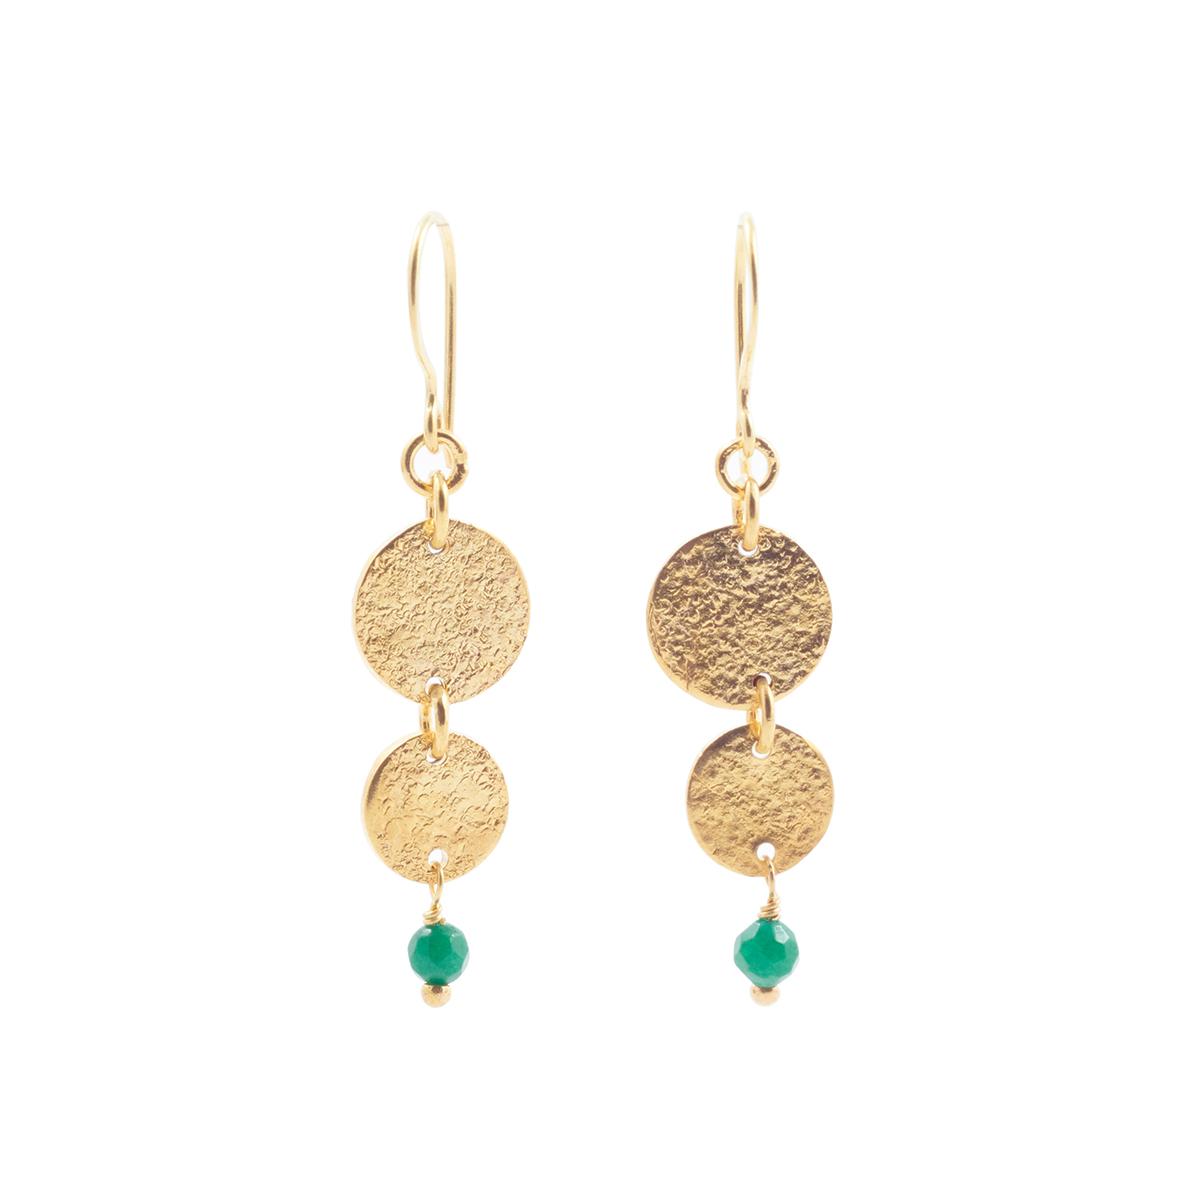 Disc earrings by Mirabelle